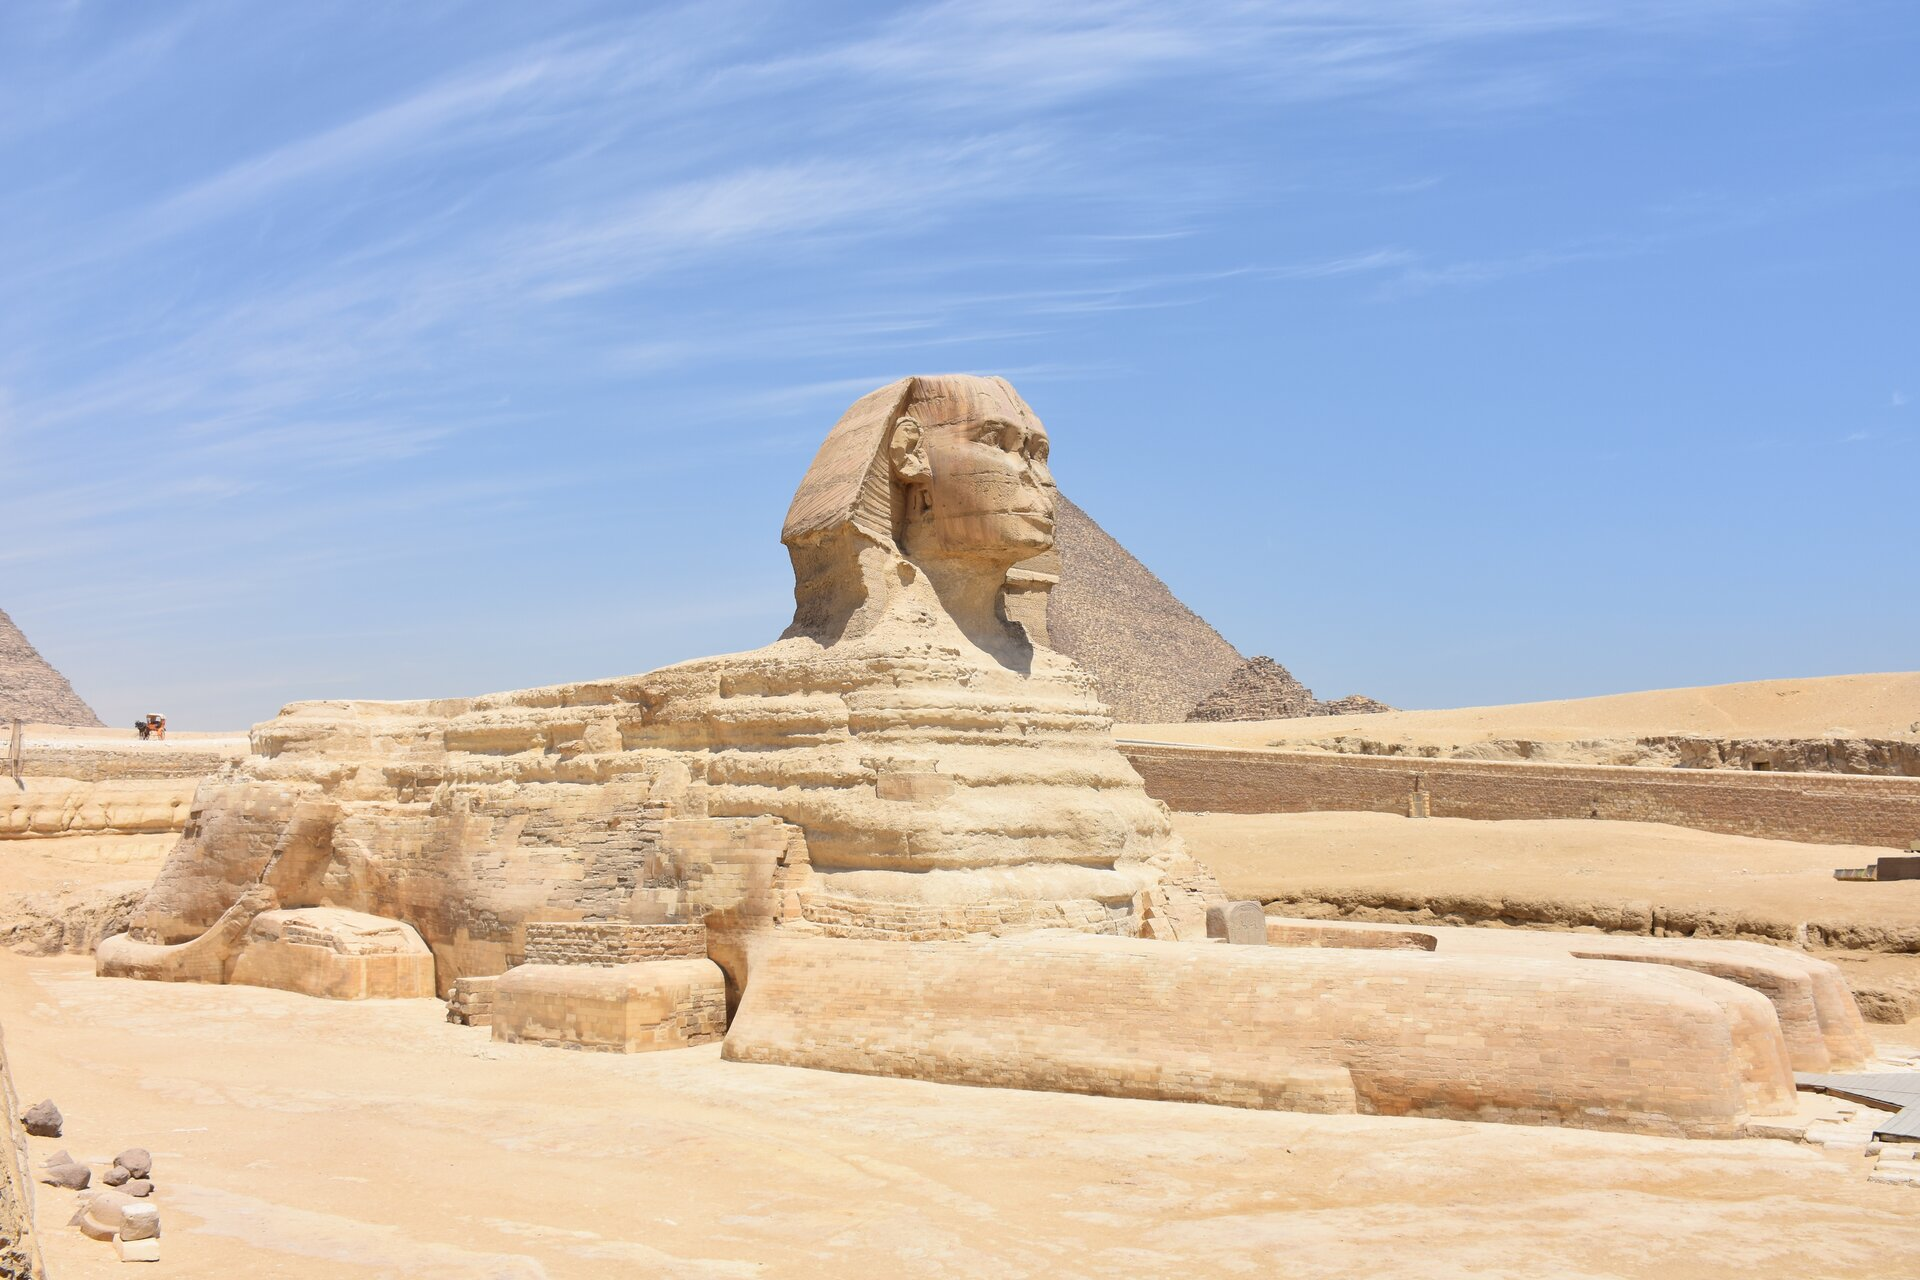 Ilustracja interaktywna przedstawia fotografię wykonaną wEgipcie, która pokazuje Wielkiego Sfinksa. Jest to uskrzydlone stworzenie ociele lwa oraz głowie ipiersiach kobiety. Za Sfinksem widoczne są piramidy wGizie.